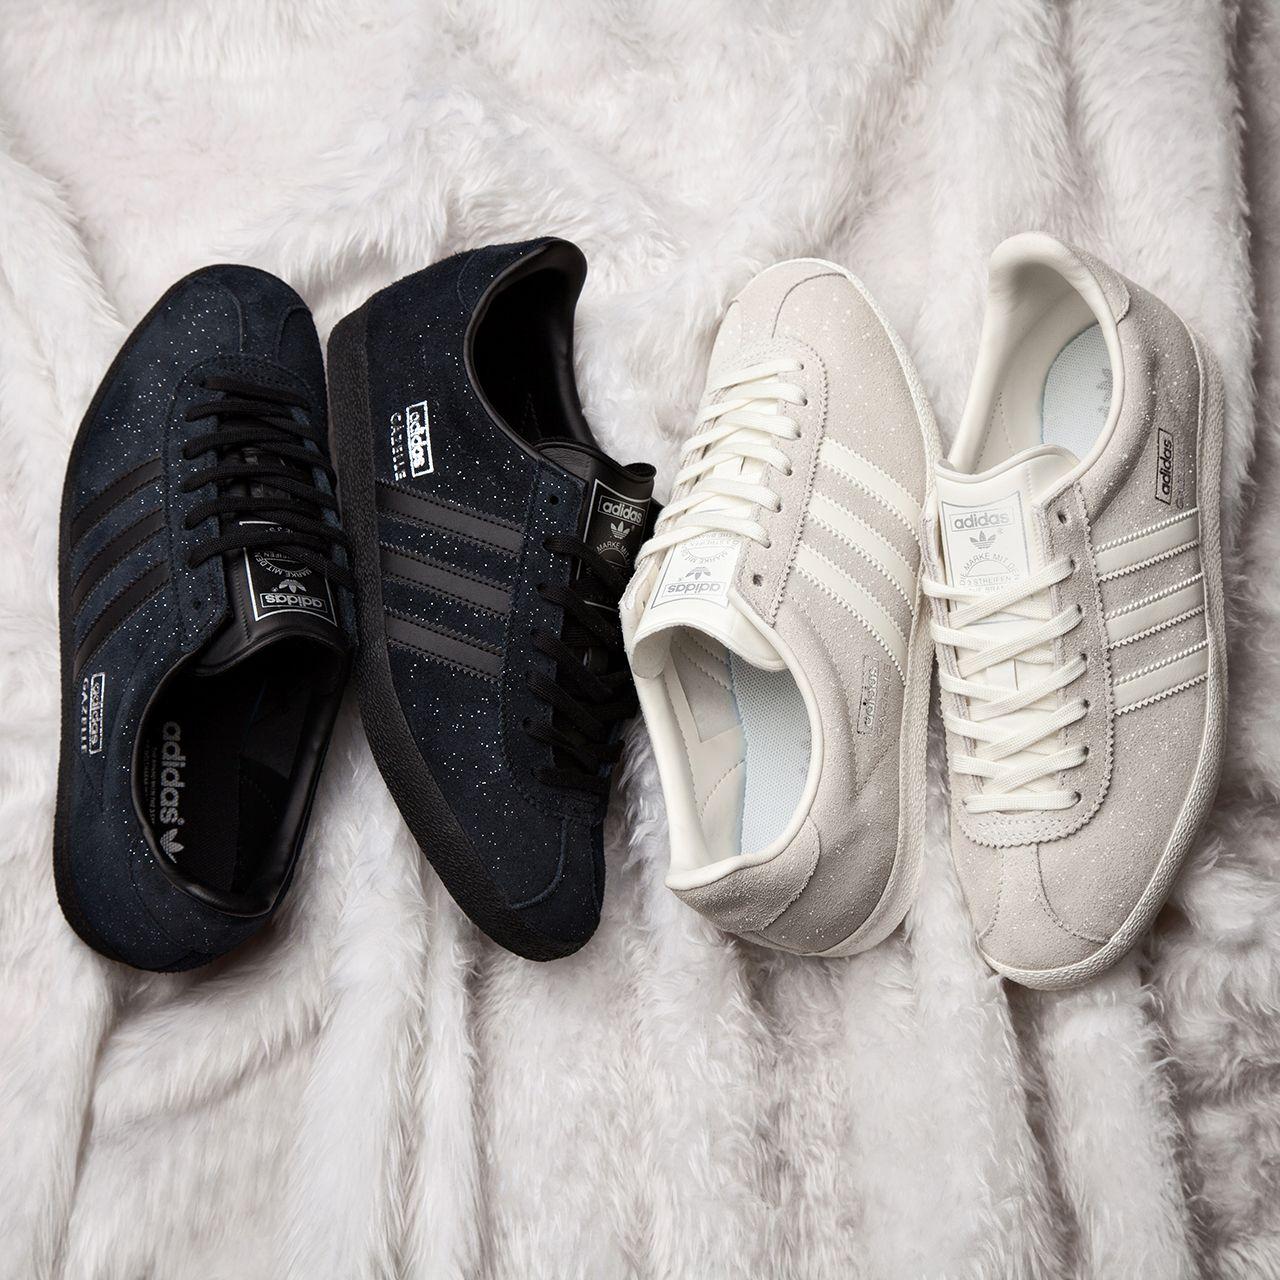 Adidas Originals Womens Gazelle Og Trainers Rose/White/Black